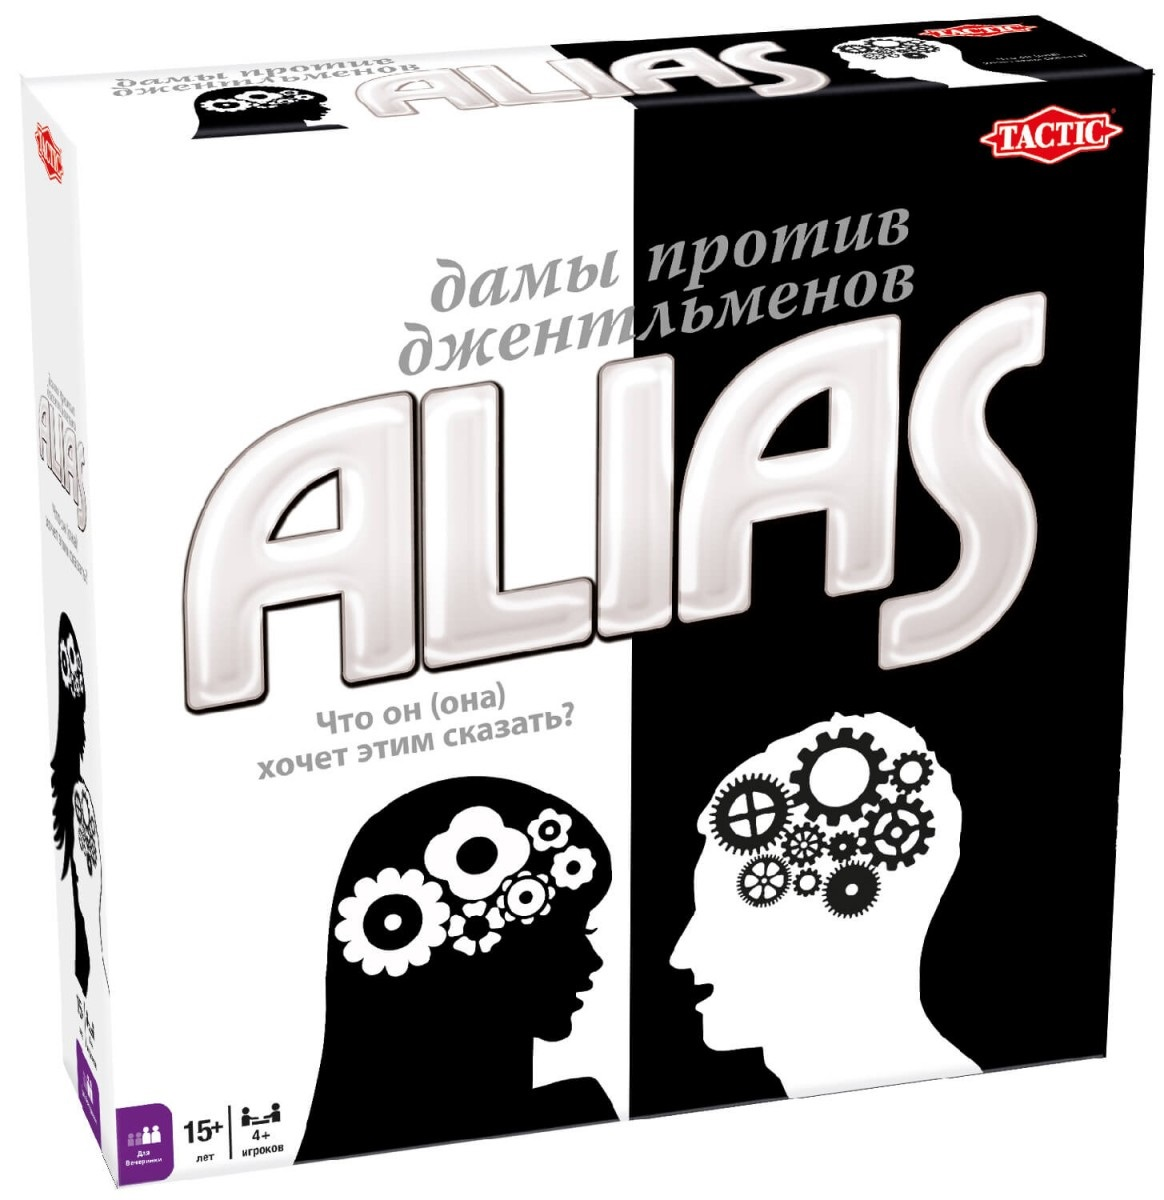 Настольная игра ALIAS: Дамы против джентльменовНастольная игра Дамы против Джентльменов – это увлекательная версия классической игры с объединением слов, где мужчины соревнуются с женщинами.<br>